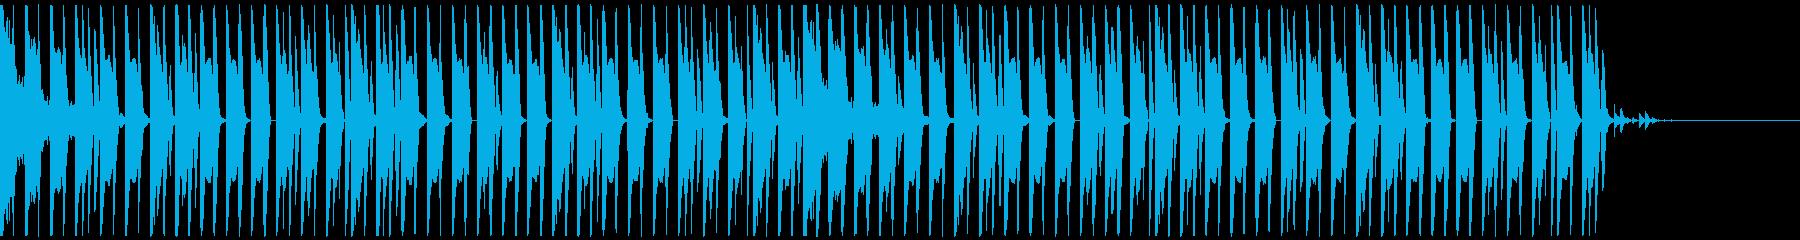 オシャレ・戦闘・スリリングEDM、①の再生済みの波形